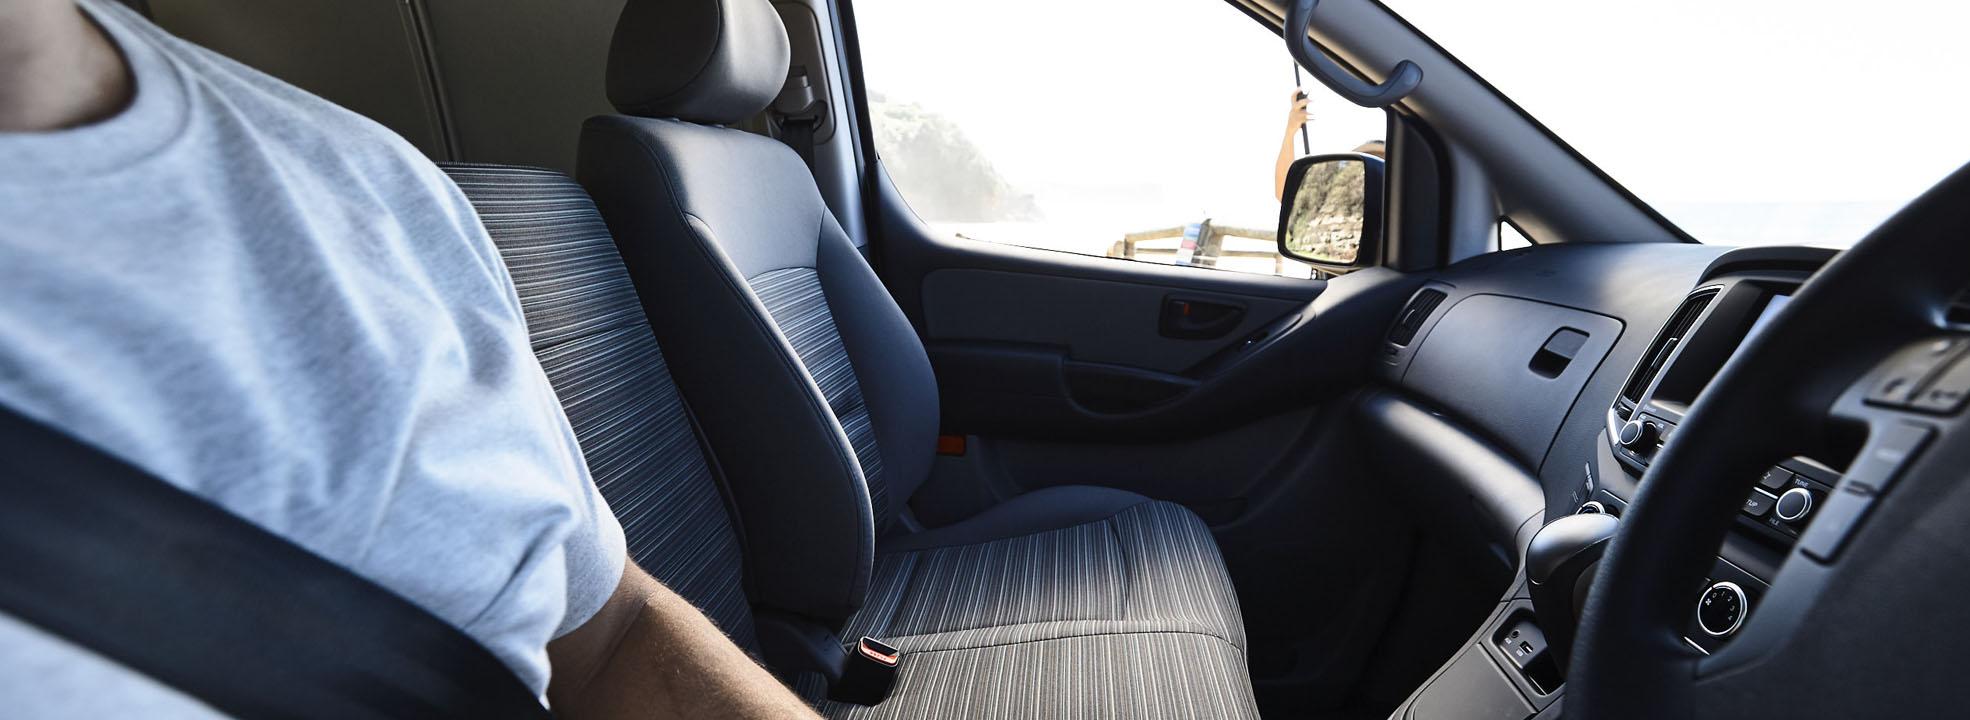 Hyundai iLoad Interior